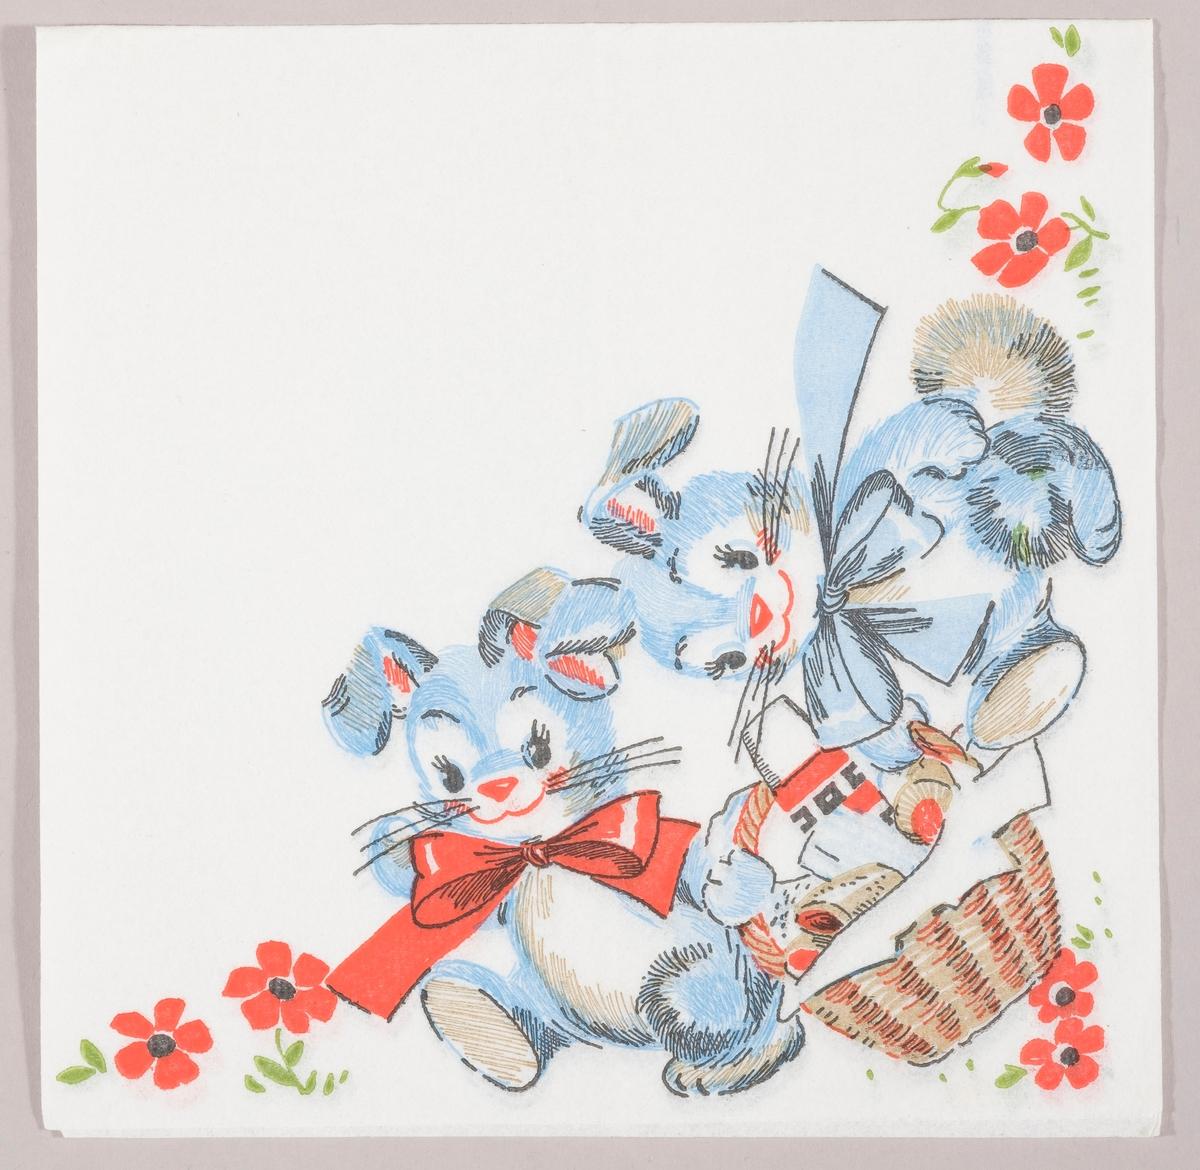 To blå påskeharer med sløyfer om halsen bærer på en flettet piknikkurv i en eng med røde blomster.